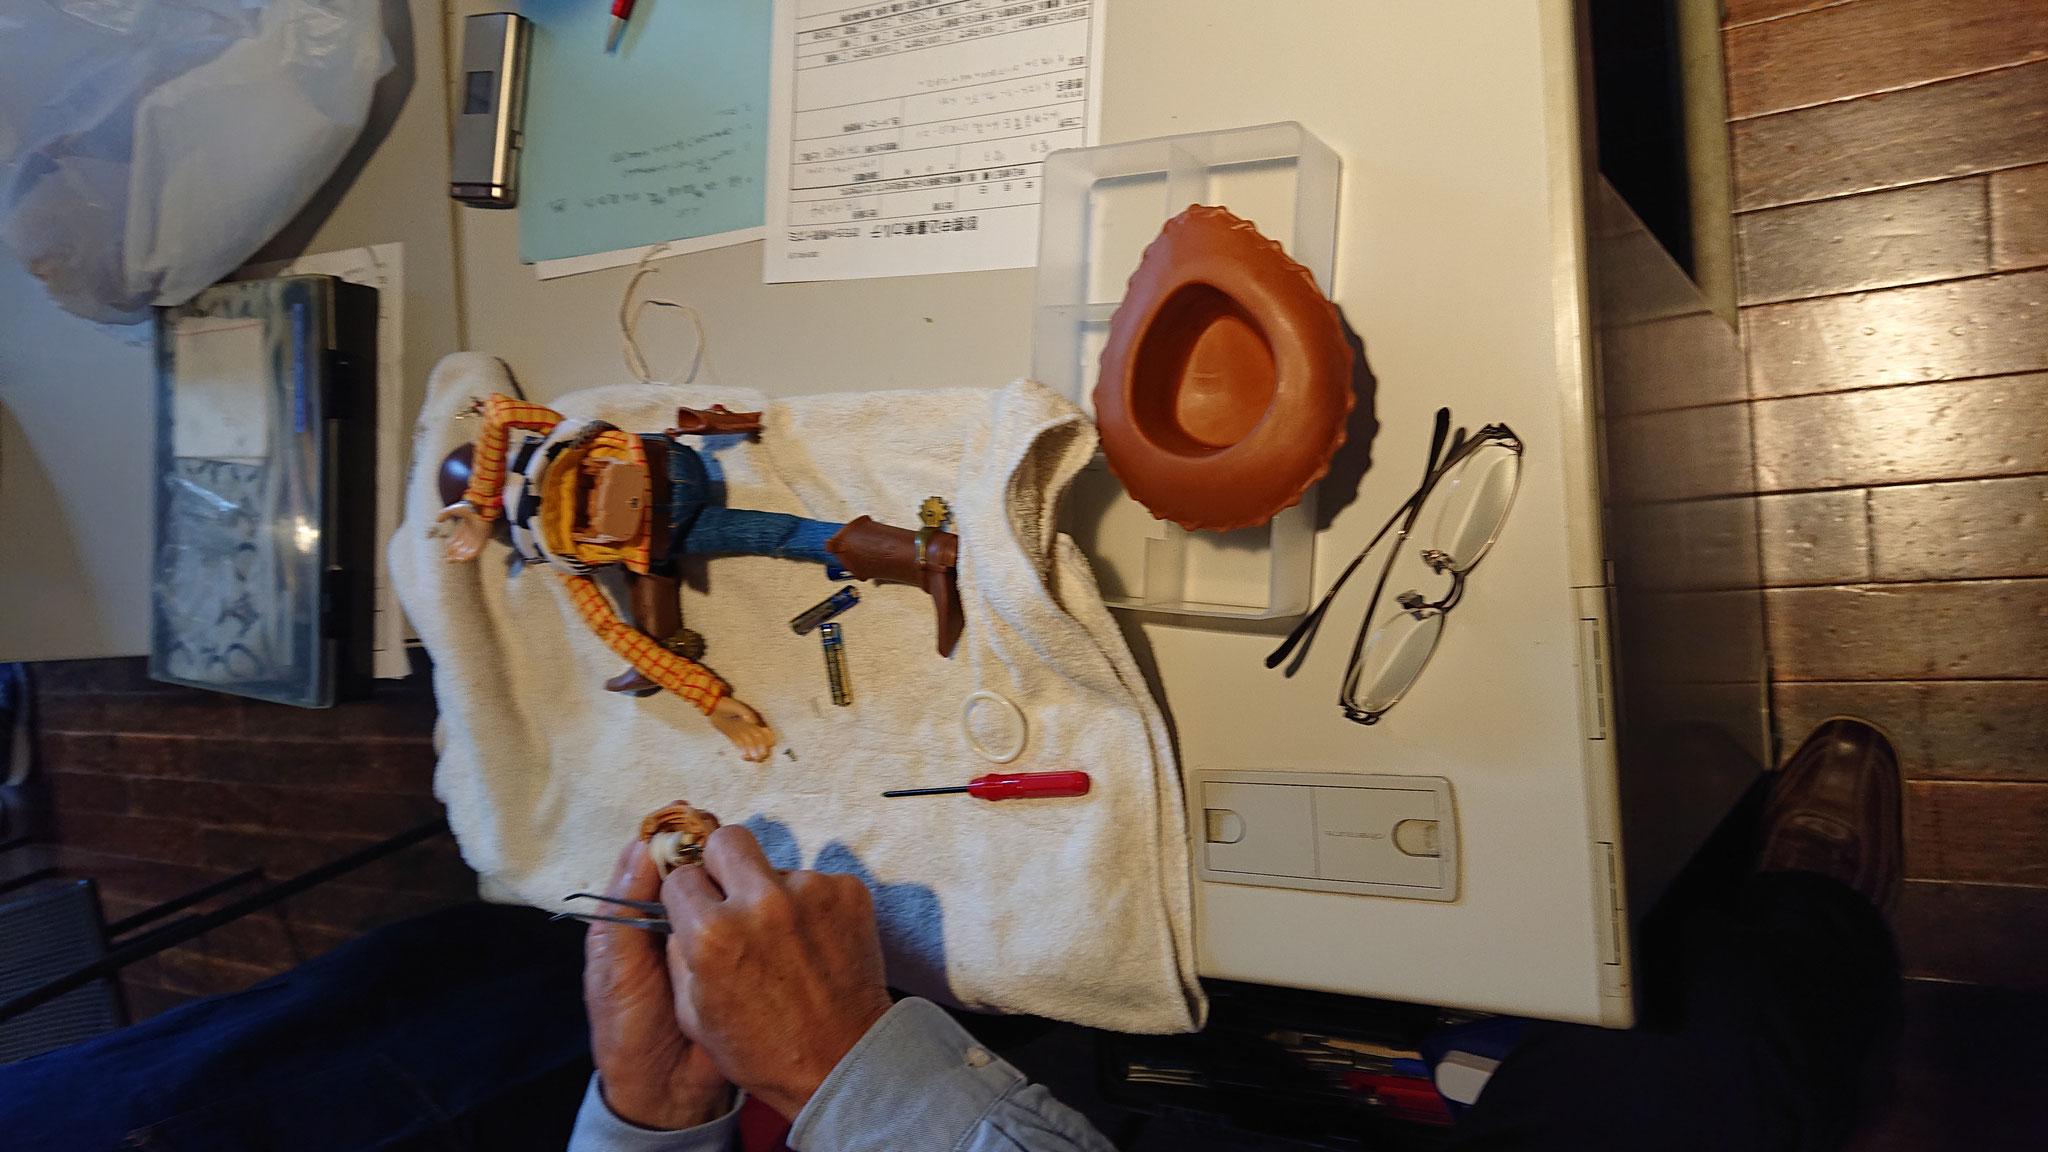 おもちゃ病院の様子です 息子の大好きなウッディを直してくださいました<(_ _)>